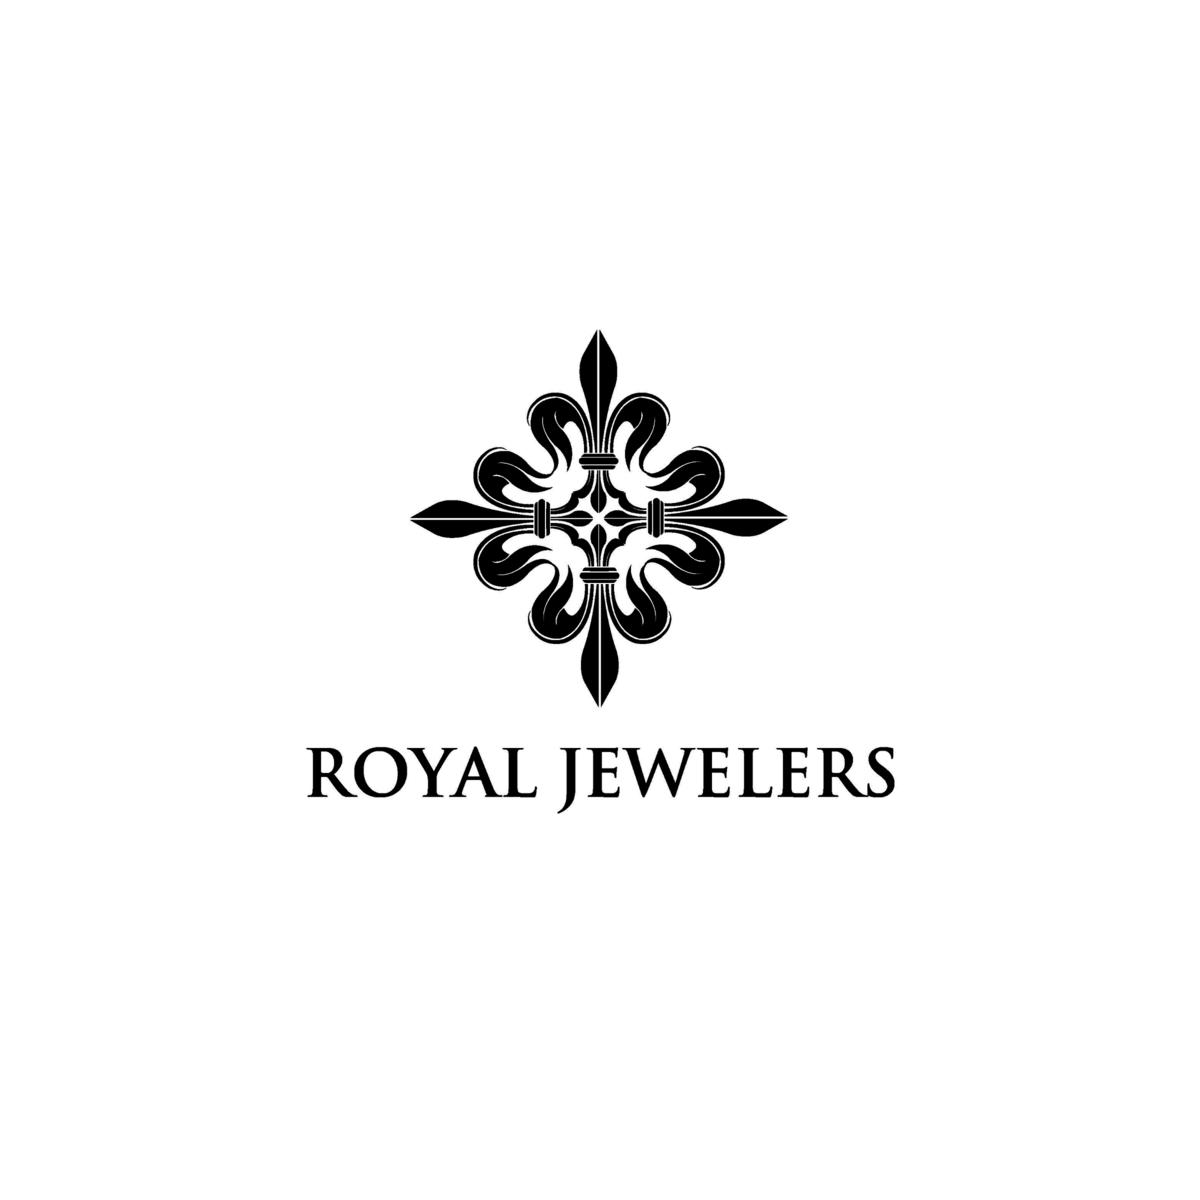 Royal Jewelers - Jewelry - Newport Beach, CA - WeddingWire